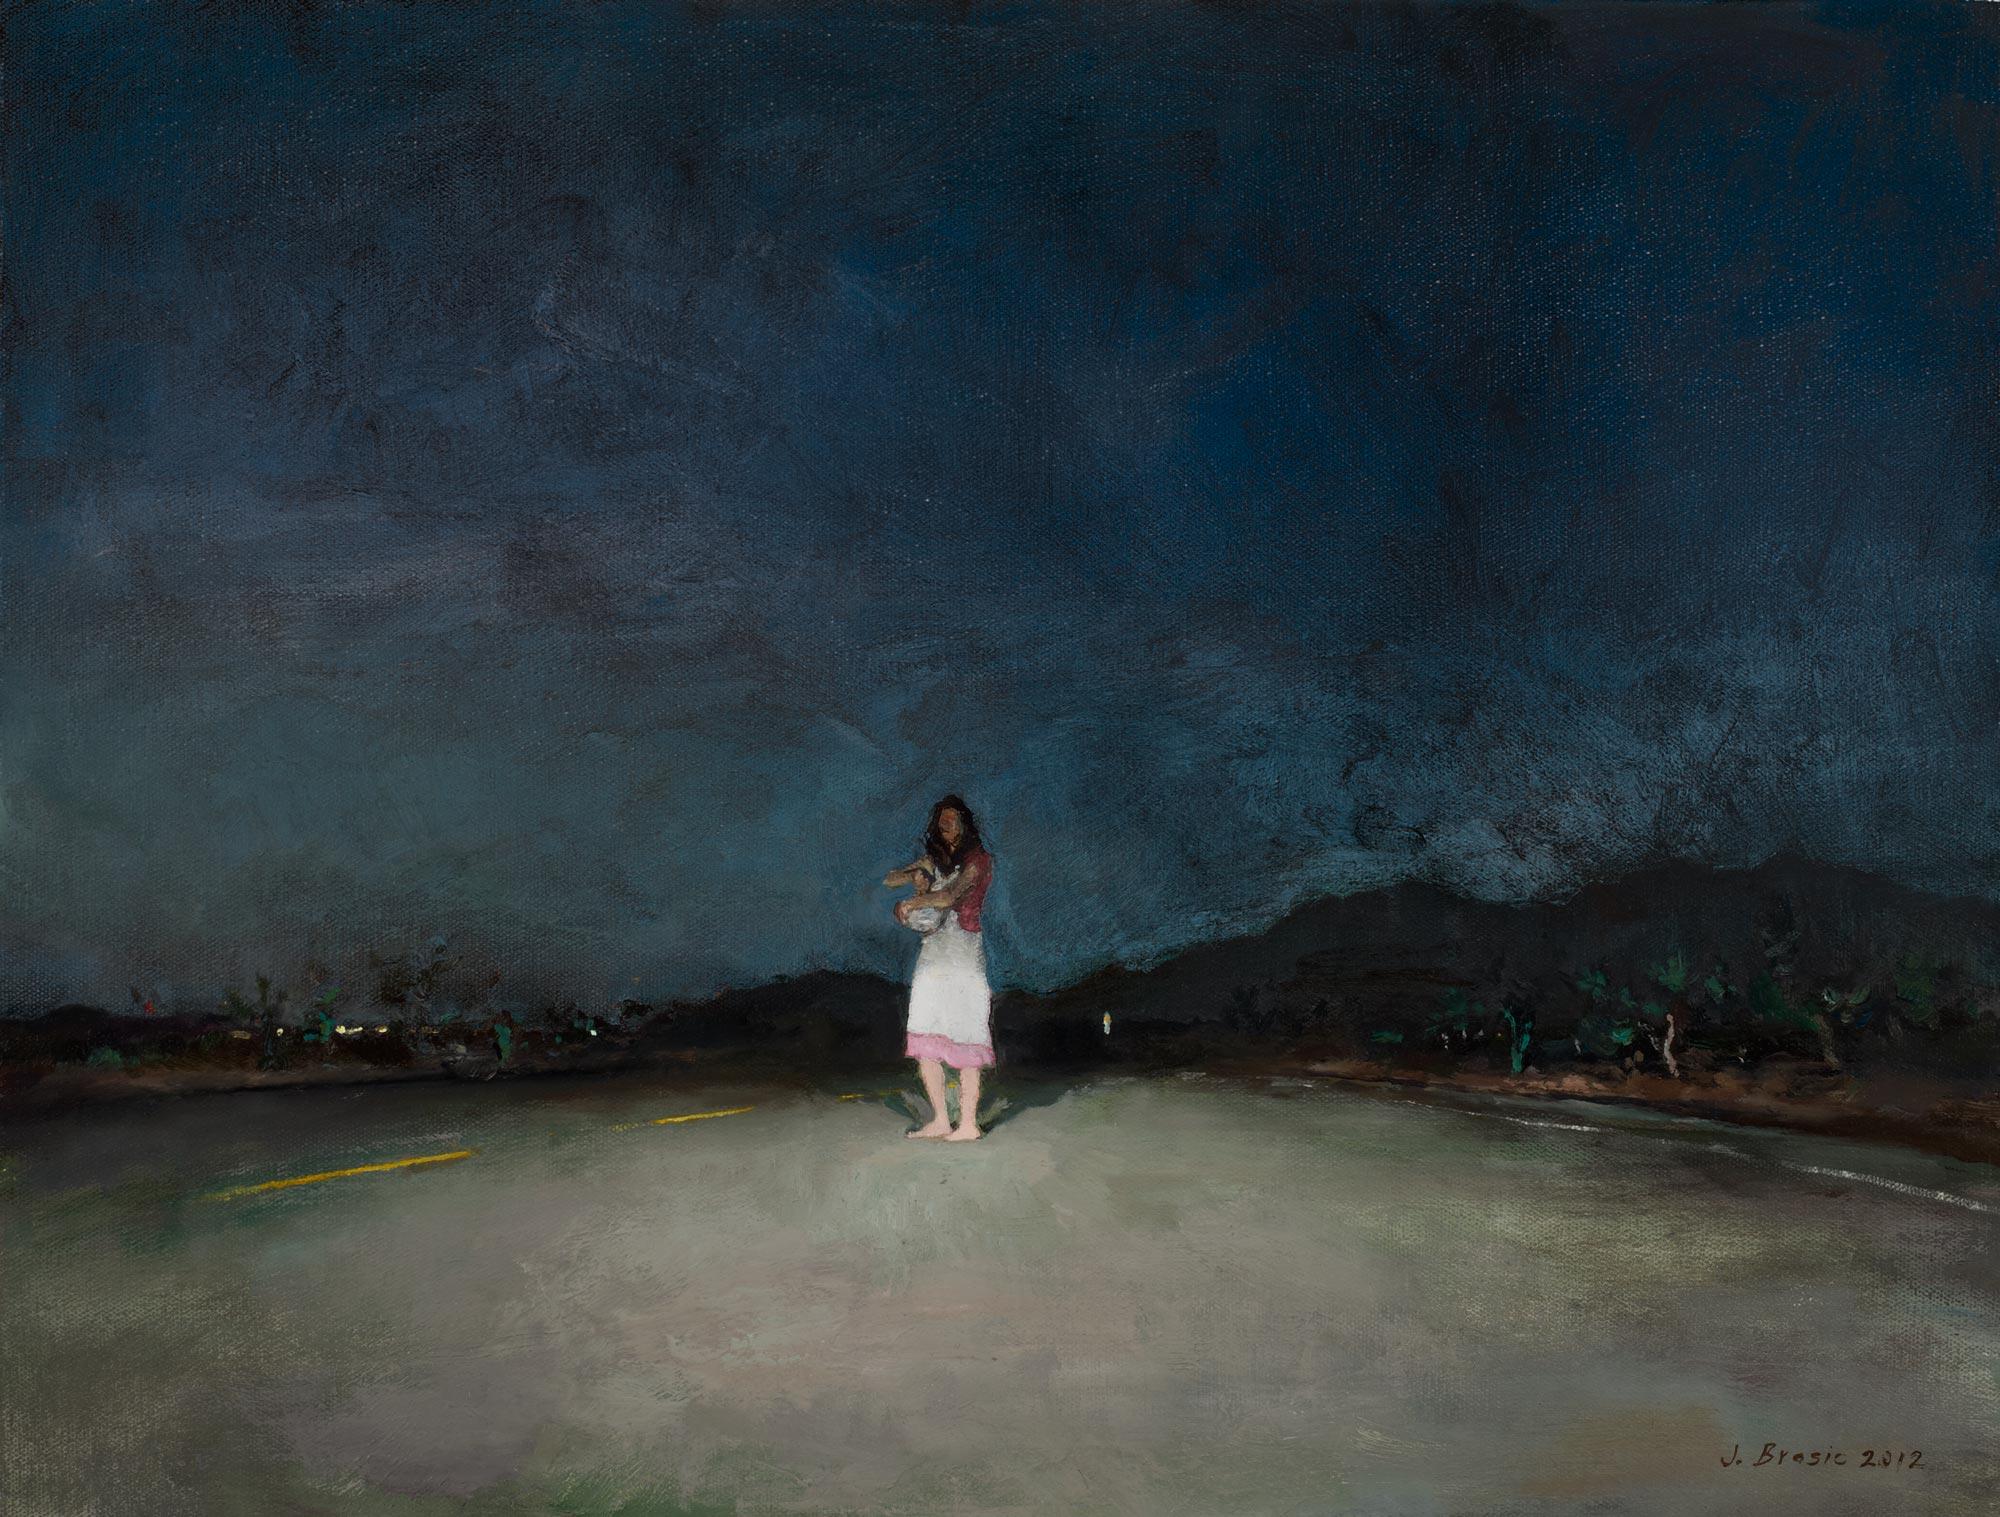 Desert Road, 16 x 24, oil on canvas, 2012